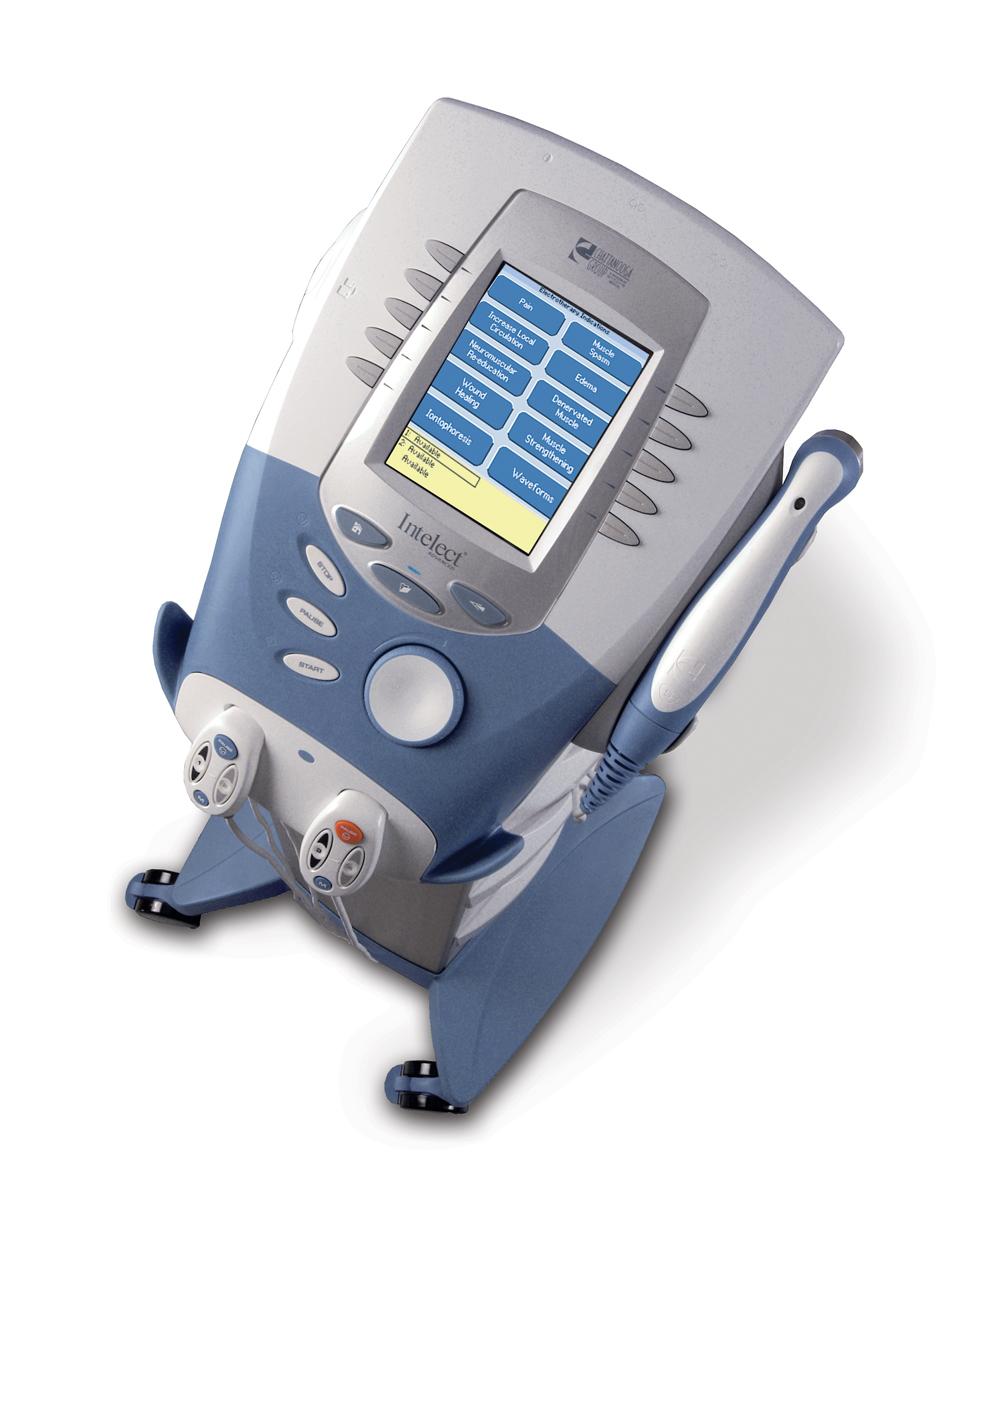 美国djo 超声波及电刺激治疗仪(2772)